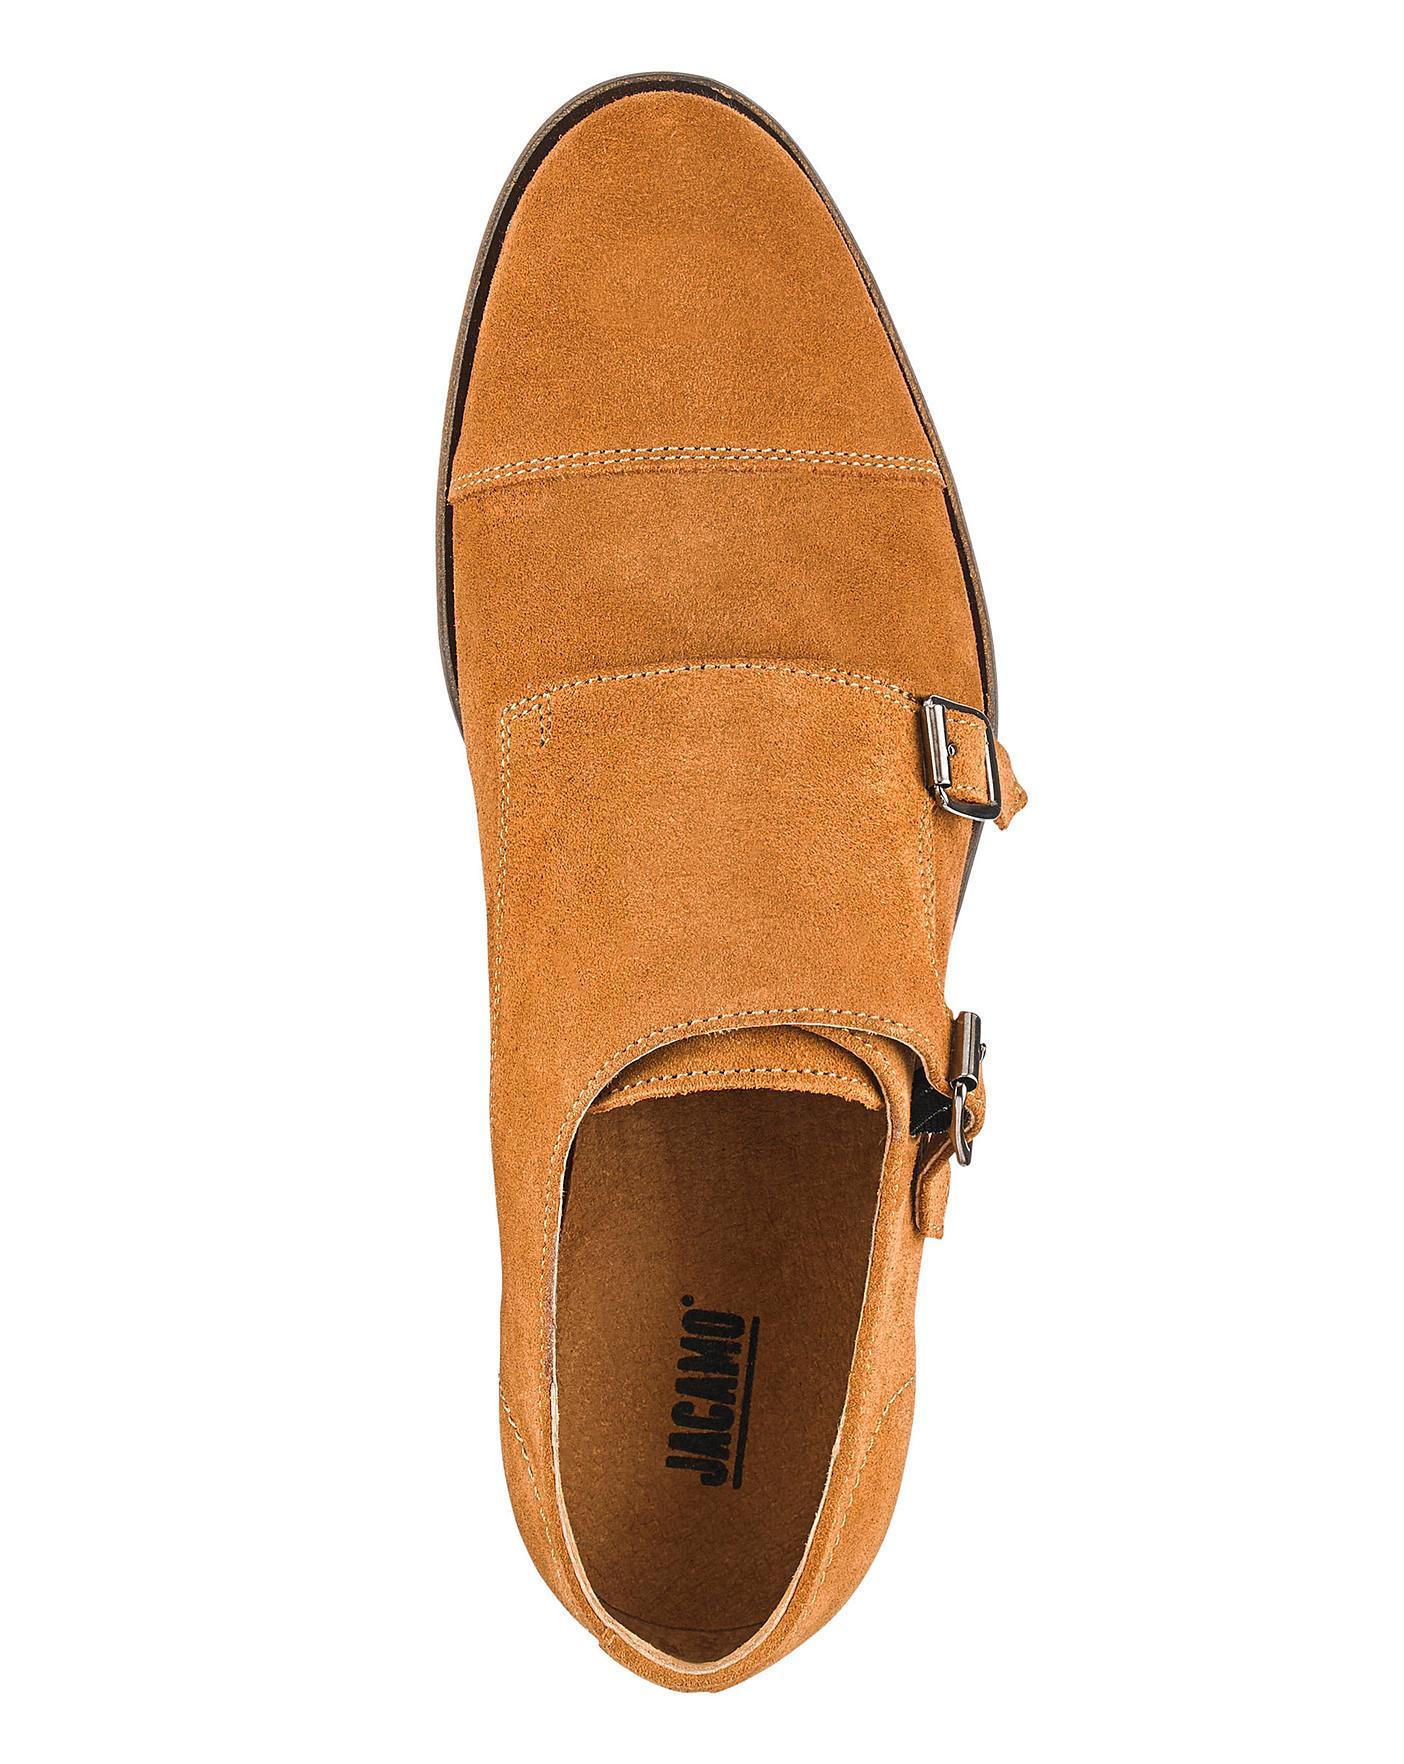 36a47e47f51a0 Description. Jacamo Premium Suede Monk Shoes